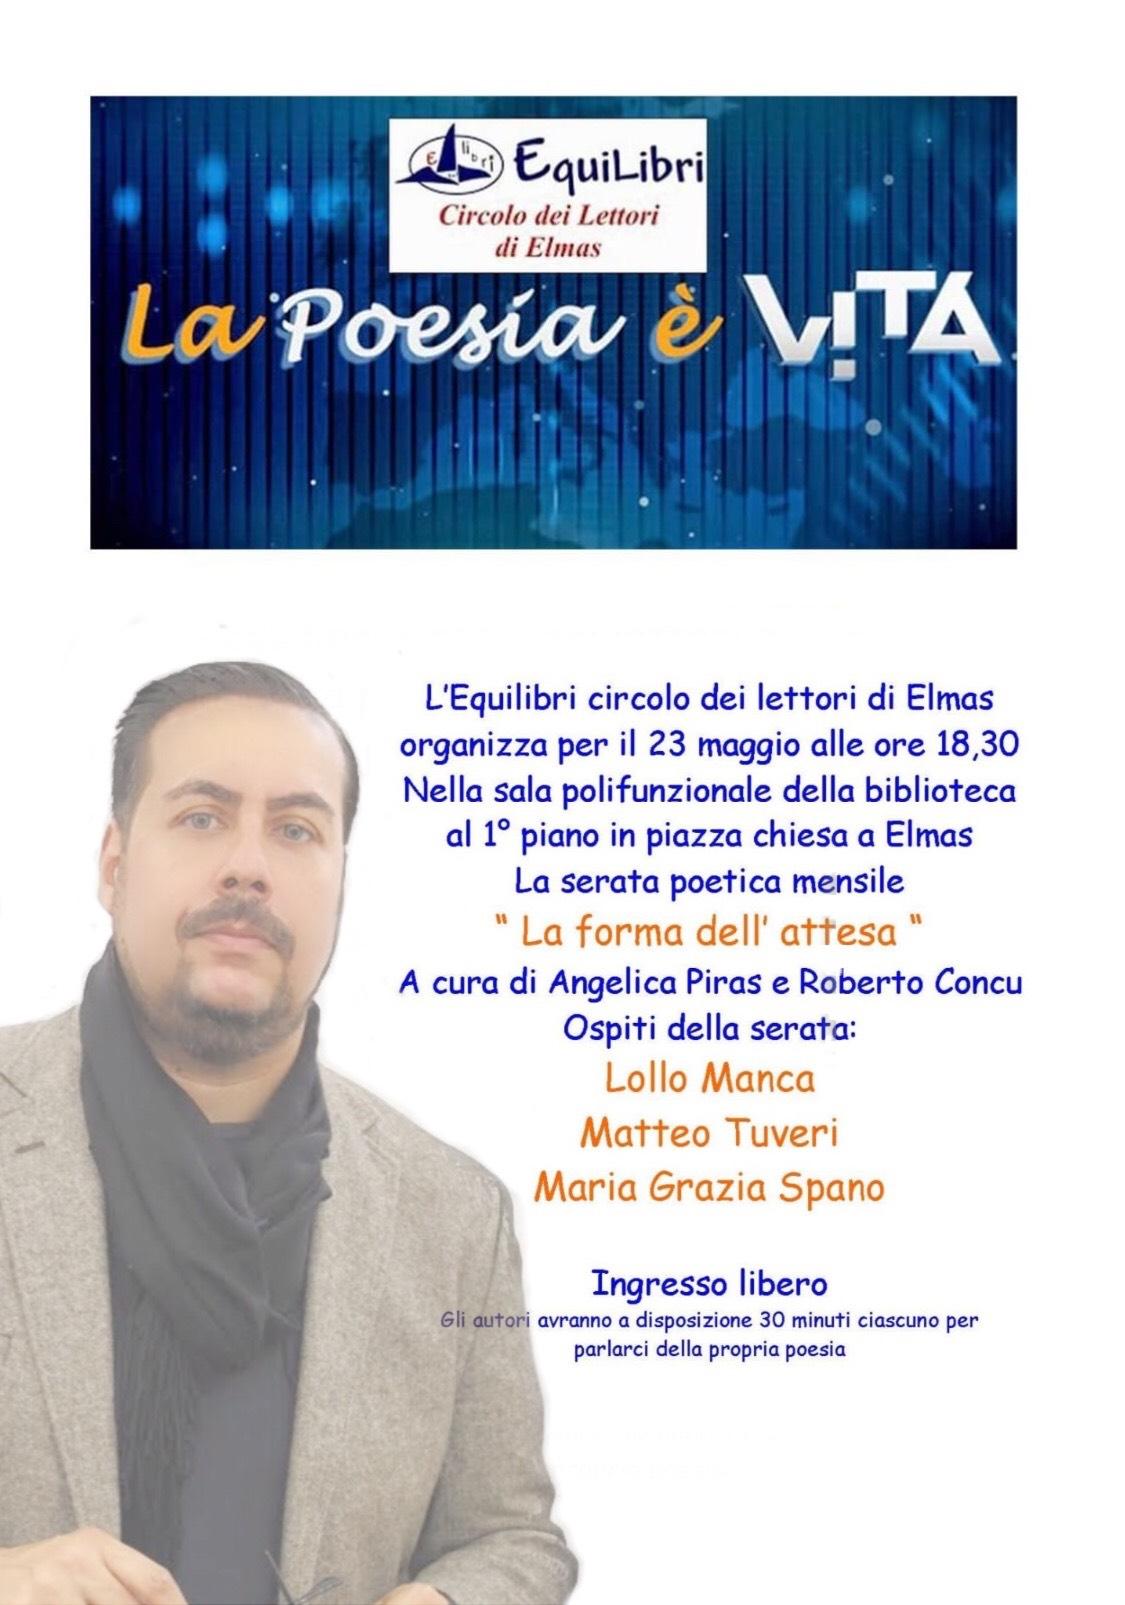 Tuveri e Sissi al Circolo del lettori di Elmas (Cagliari)